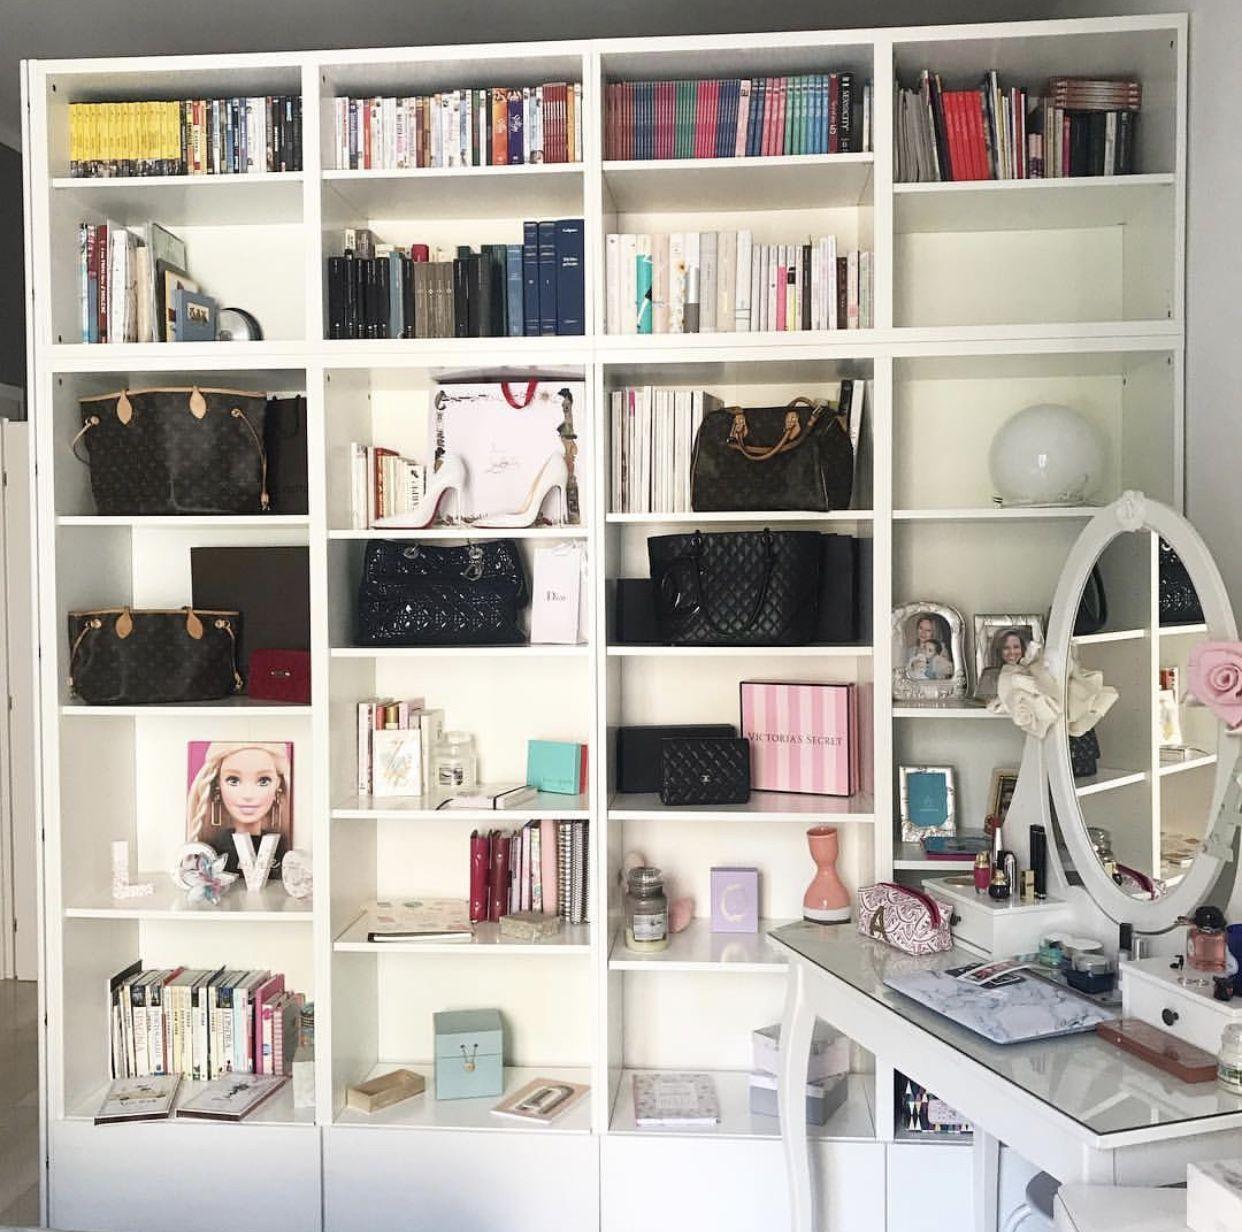 Libreria/cabina armadio a vista | Casa mia! | Pinterest